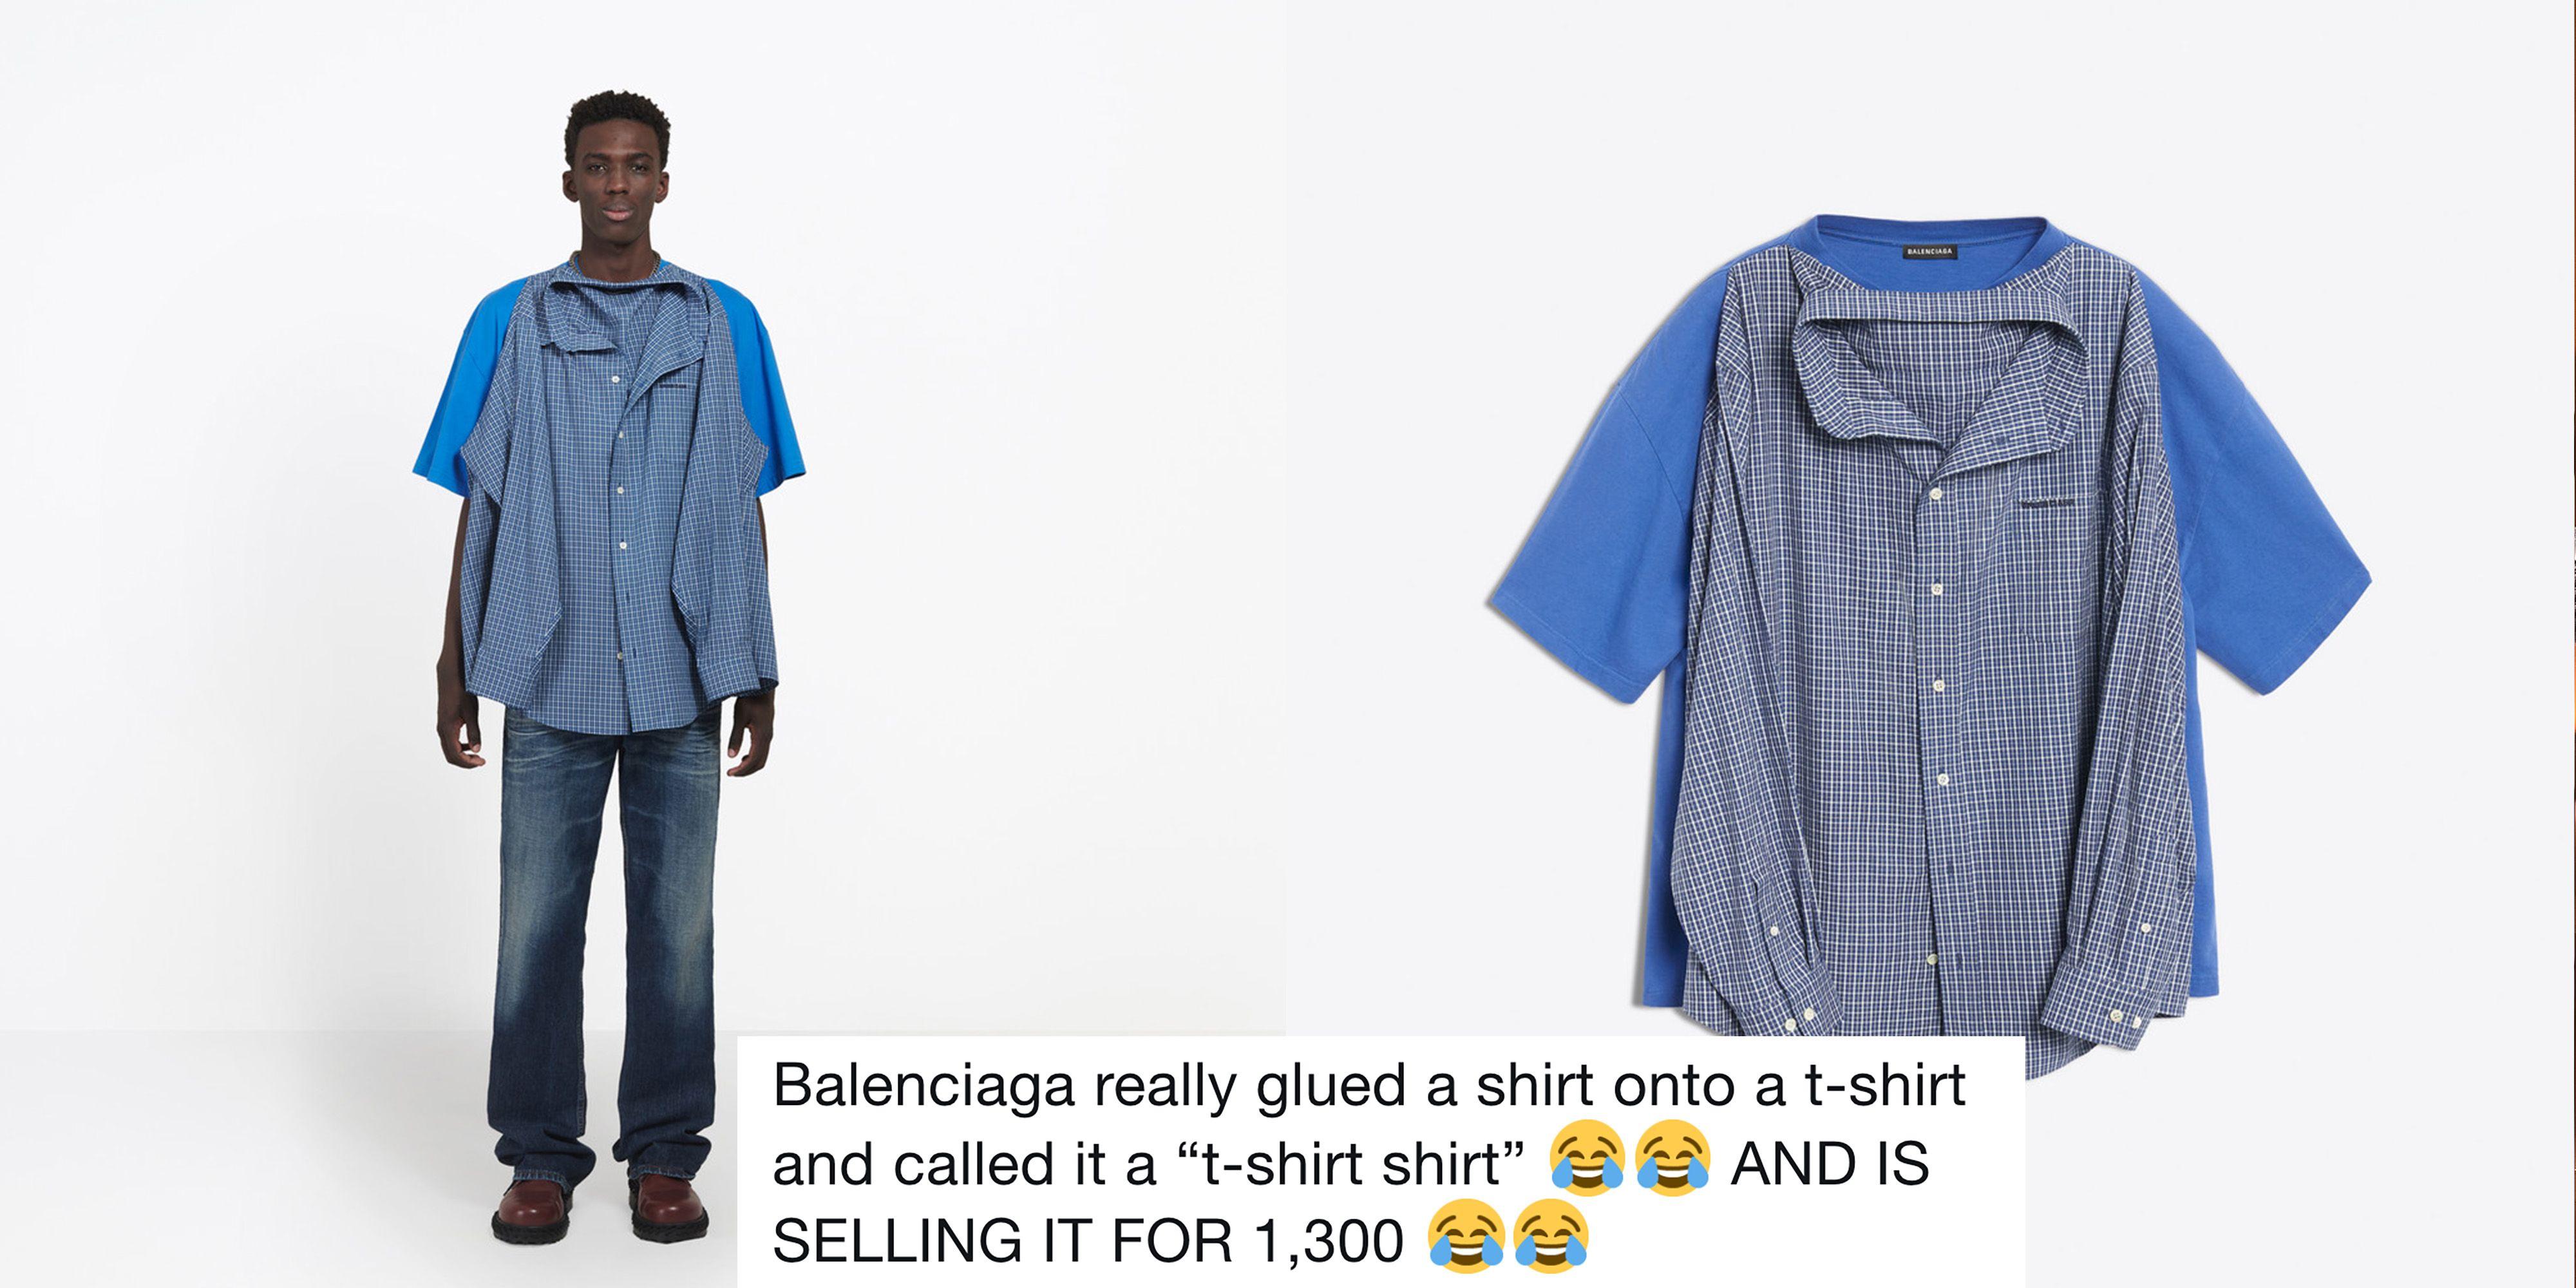 74100683b3d Balenciaga Shirt Twitter Reactions - Twitter Reactions to Weird Balenciaga  Shirt